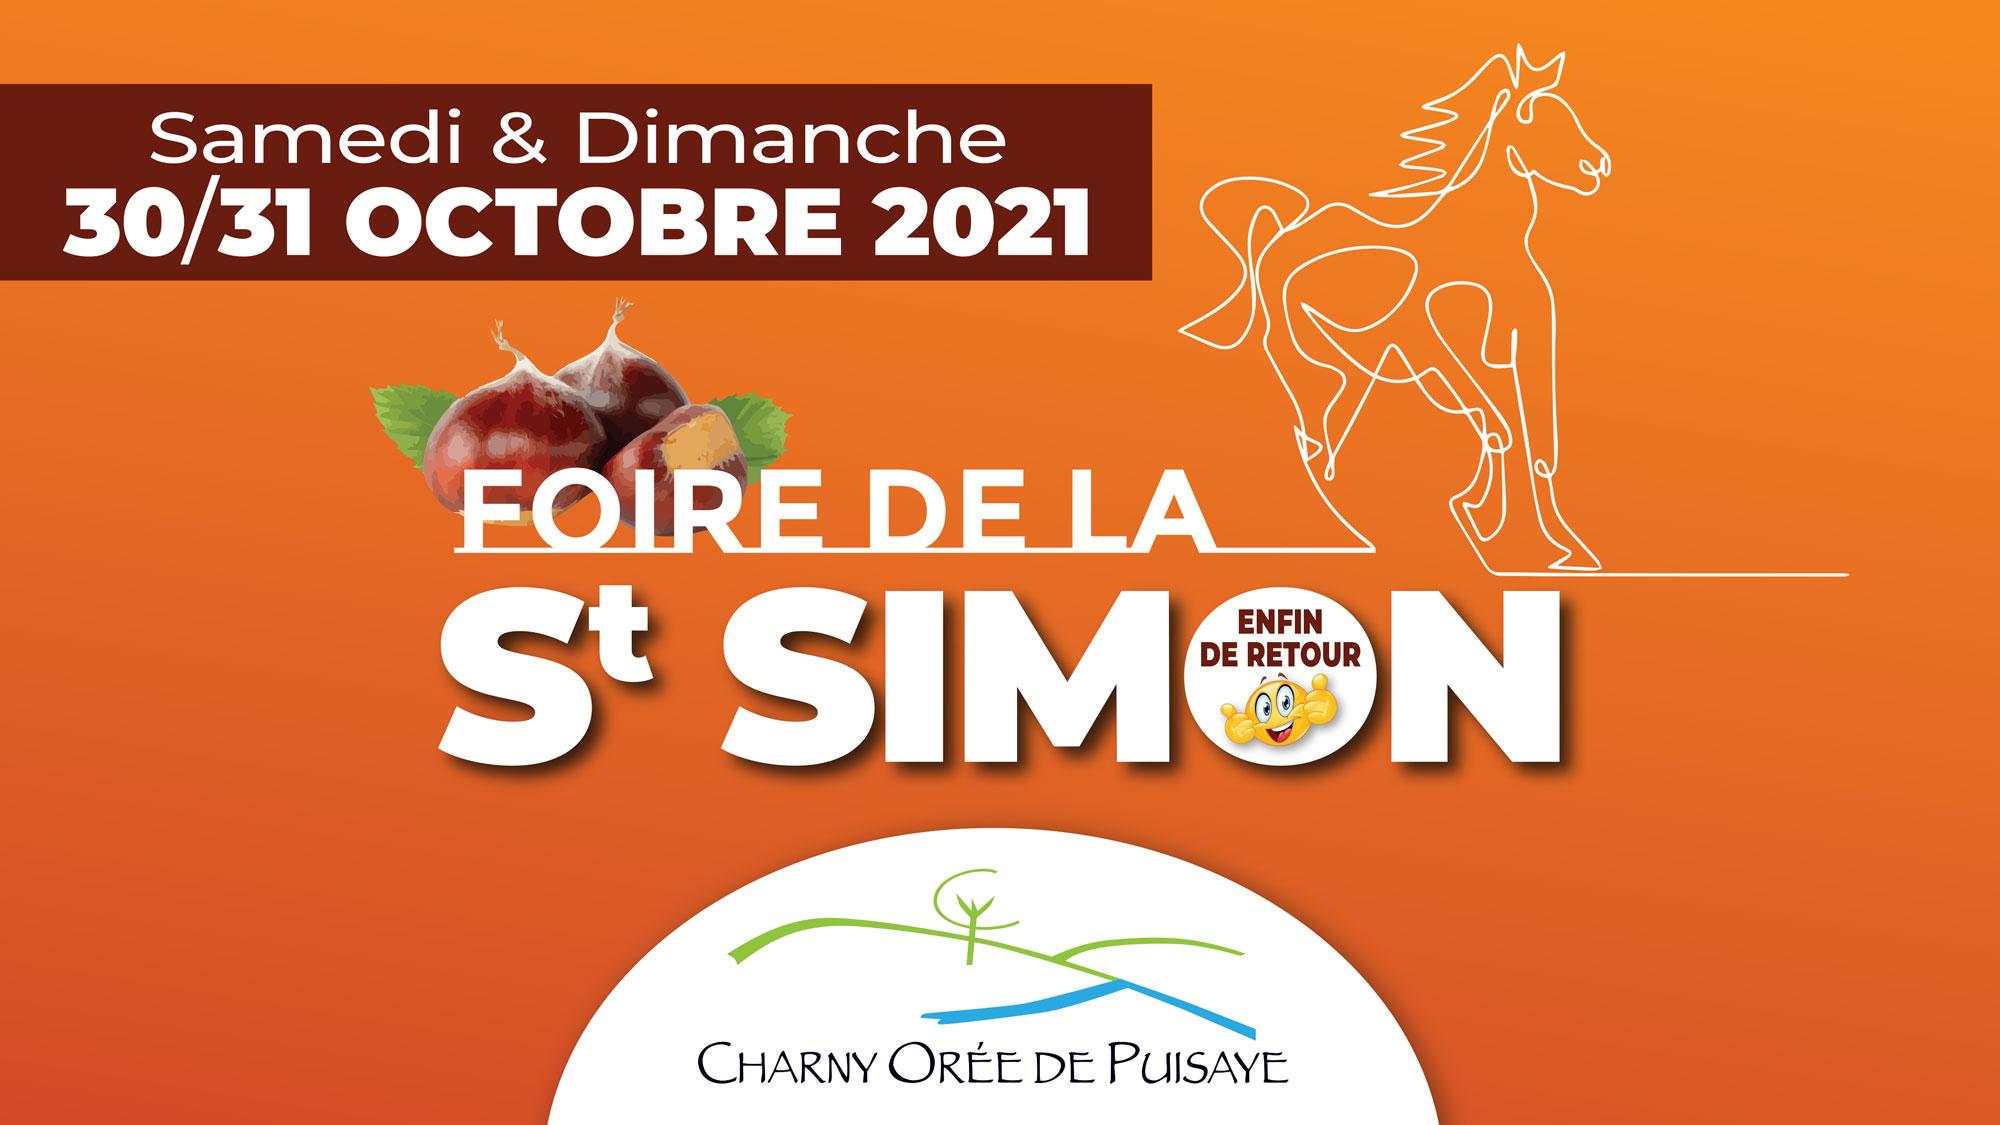 Foire de la St Simon 2021 à Charny Orée de Puisaye